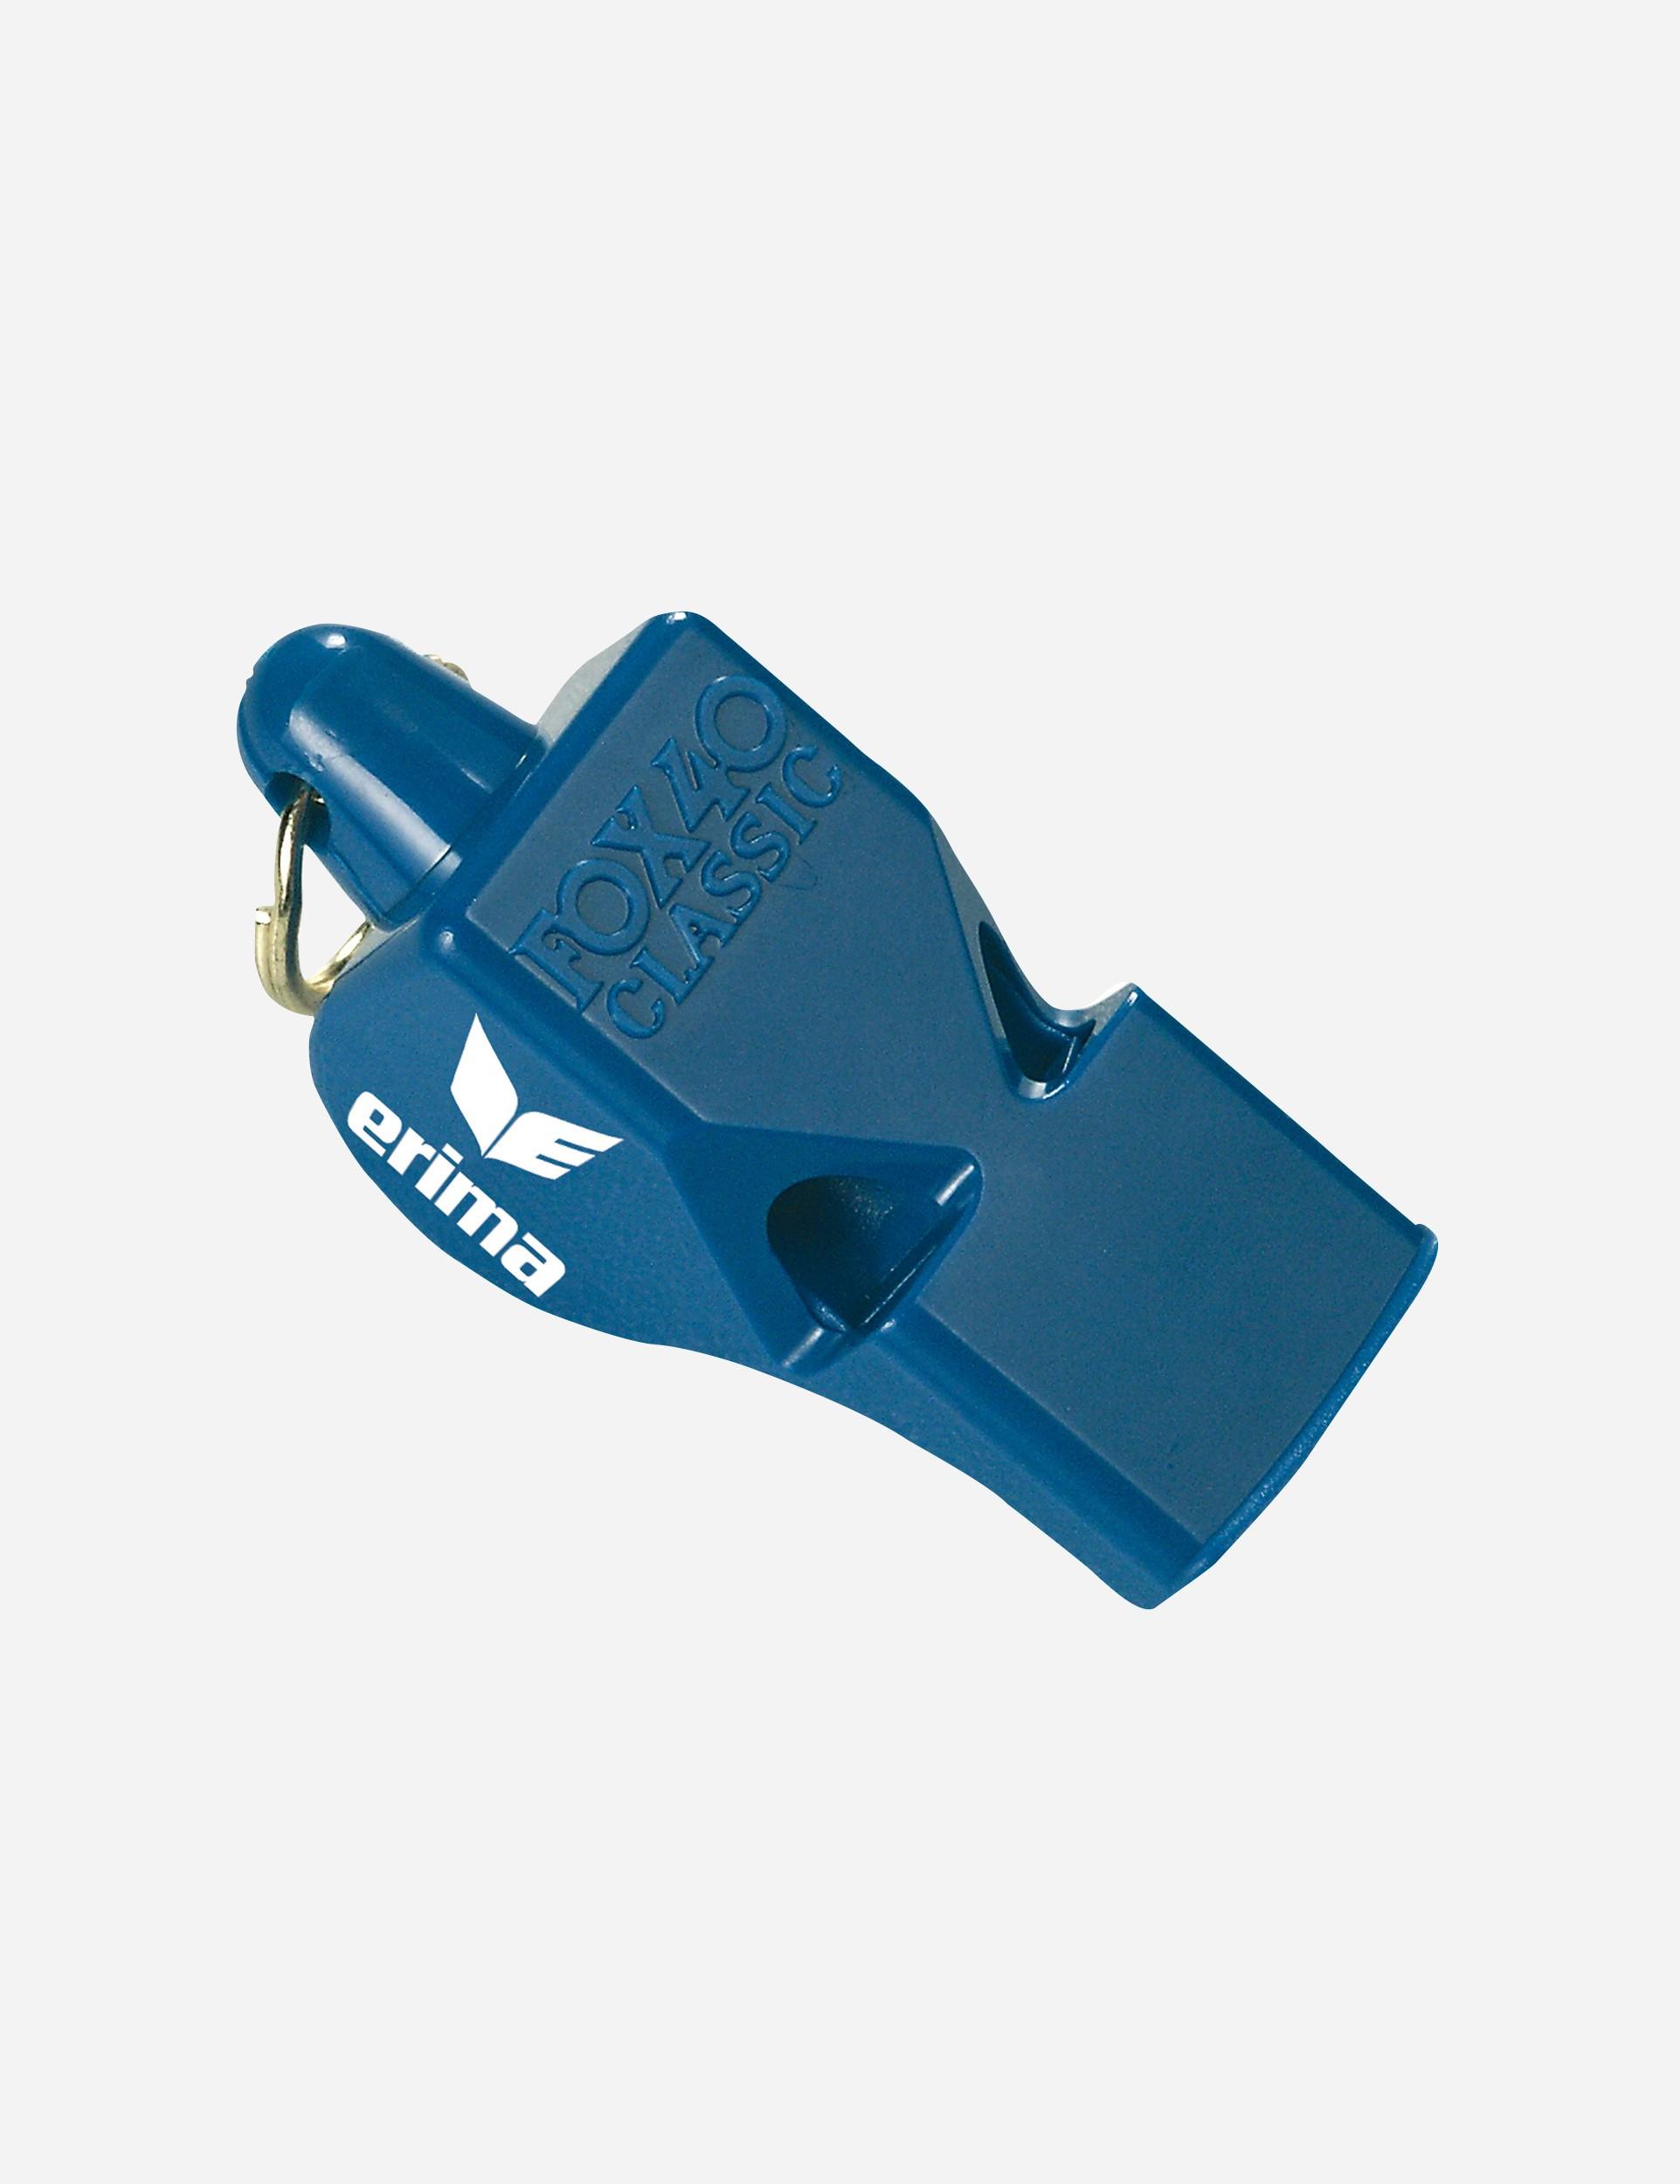 Erima scheidsrechtersfluit Fox 40 Royal blauw